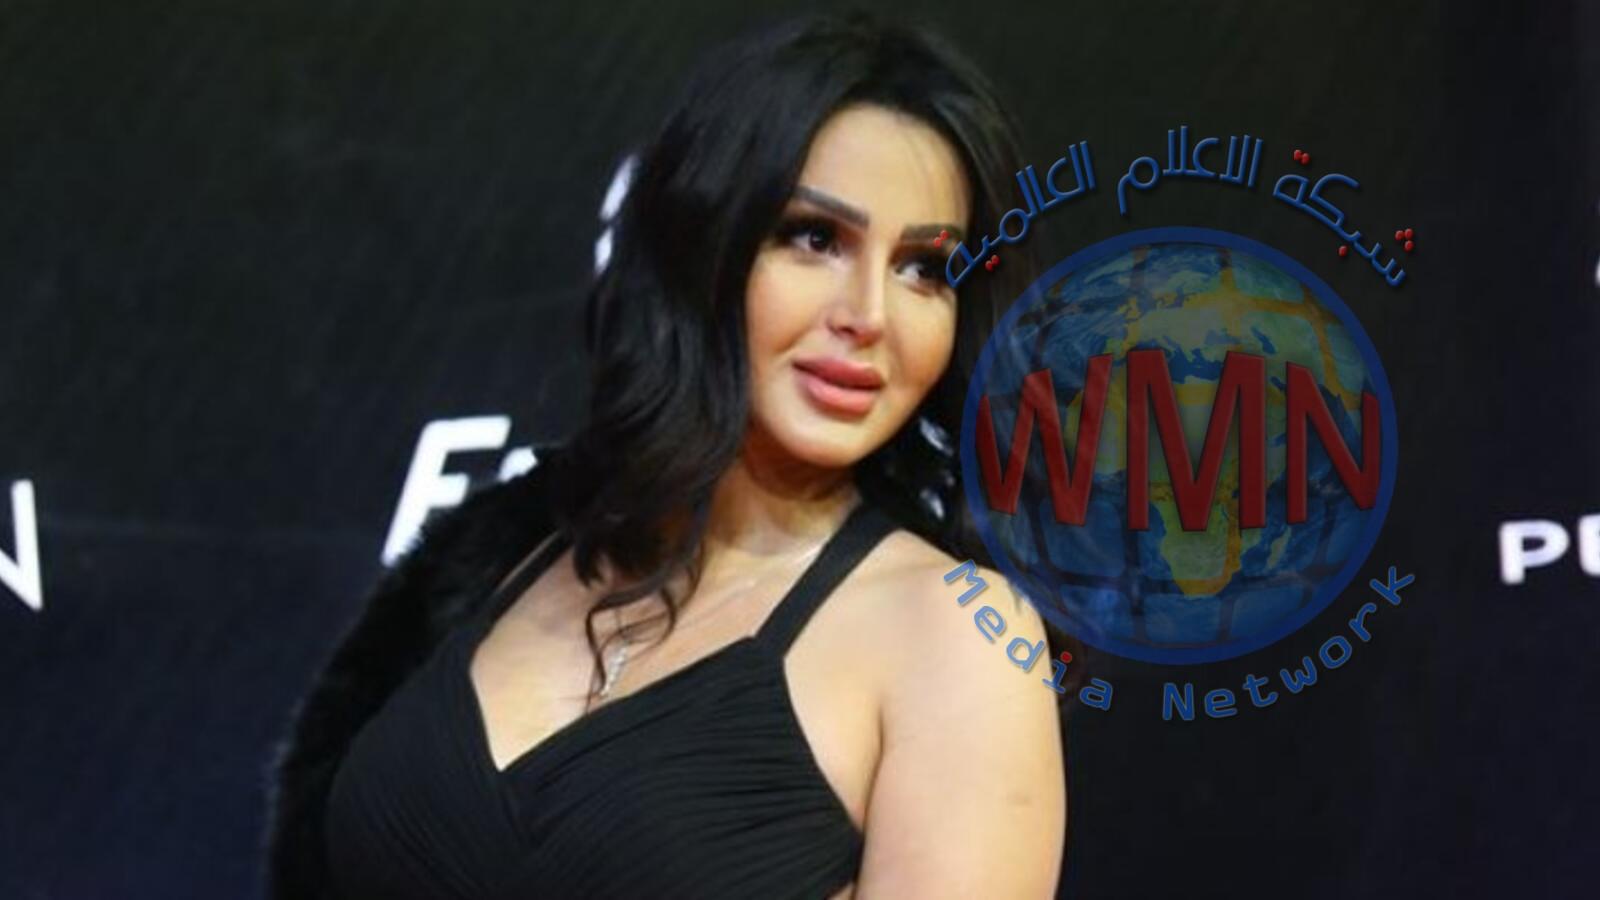 """أول ظهور لشيما الحاج في مهرجان القاهرة السينمائي بعد أزمة """"فيديوهات خالد يوسف الإباحية""""…صور"""